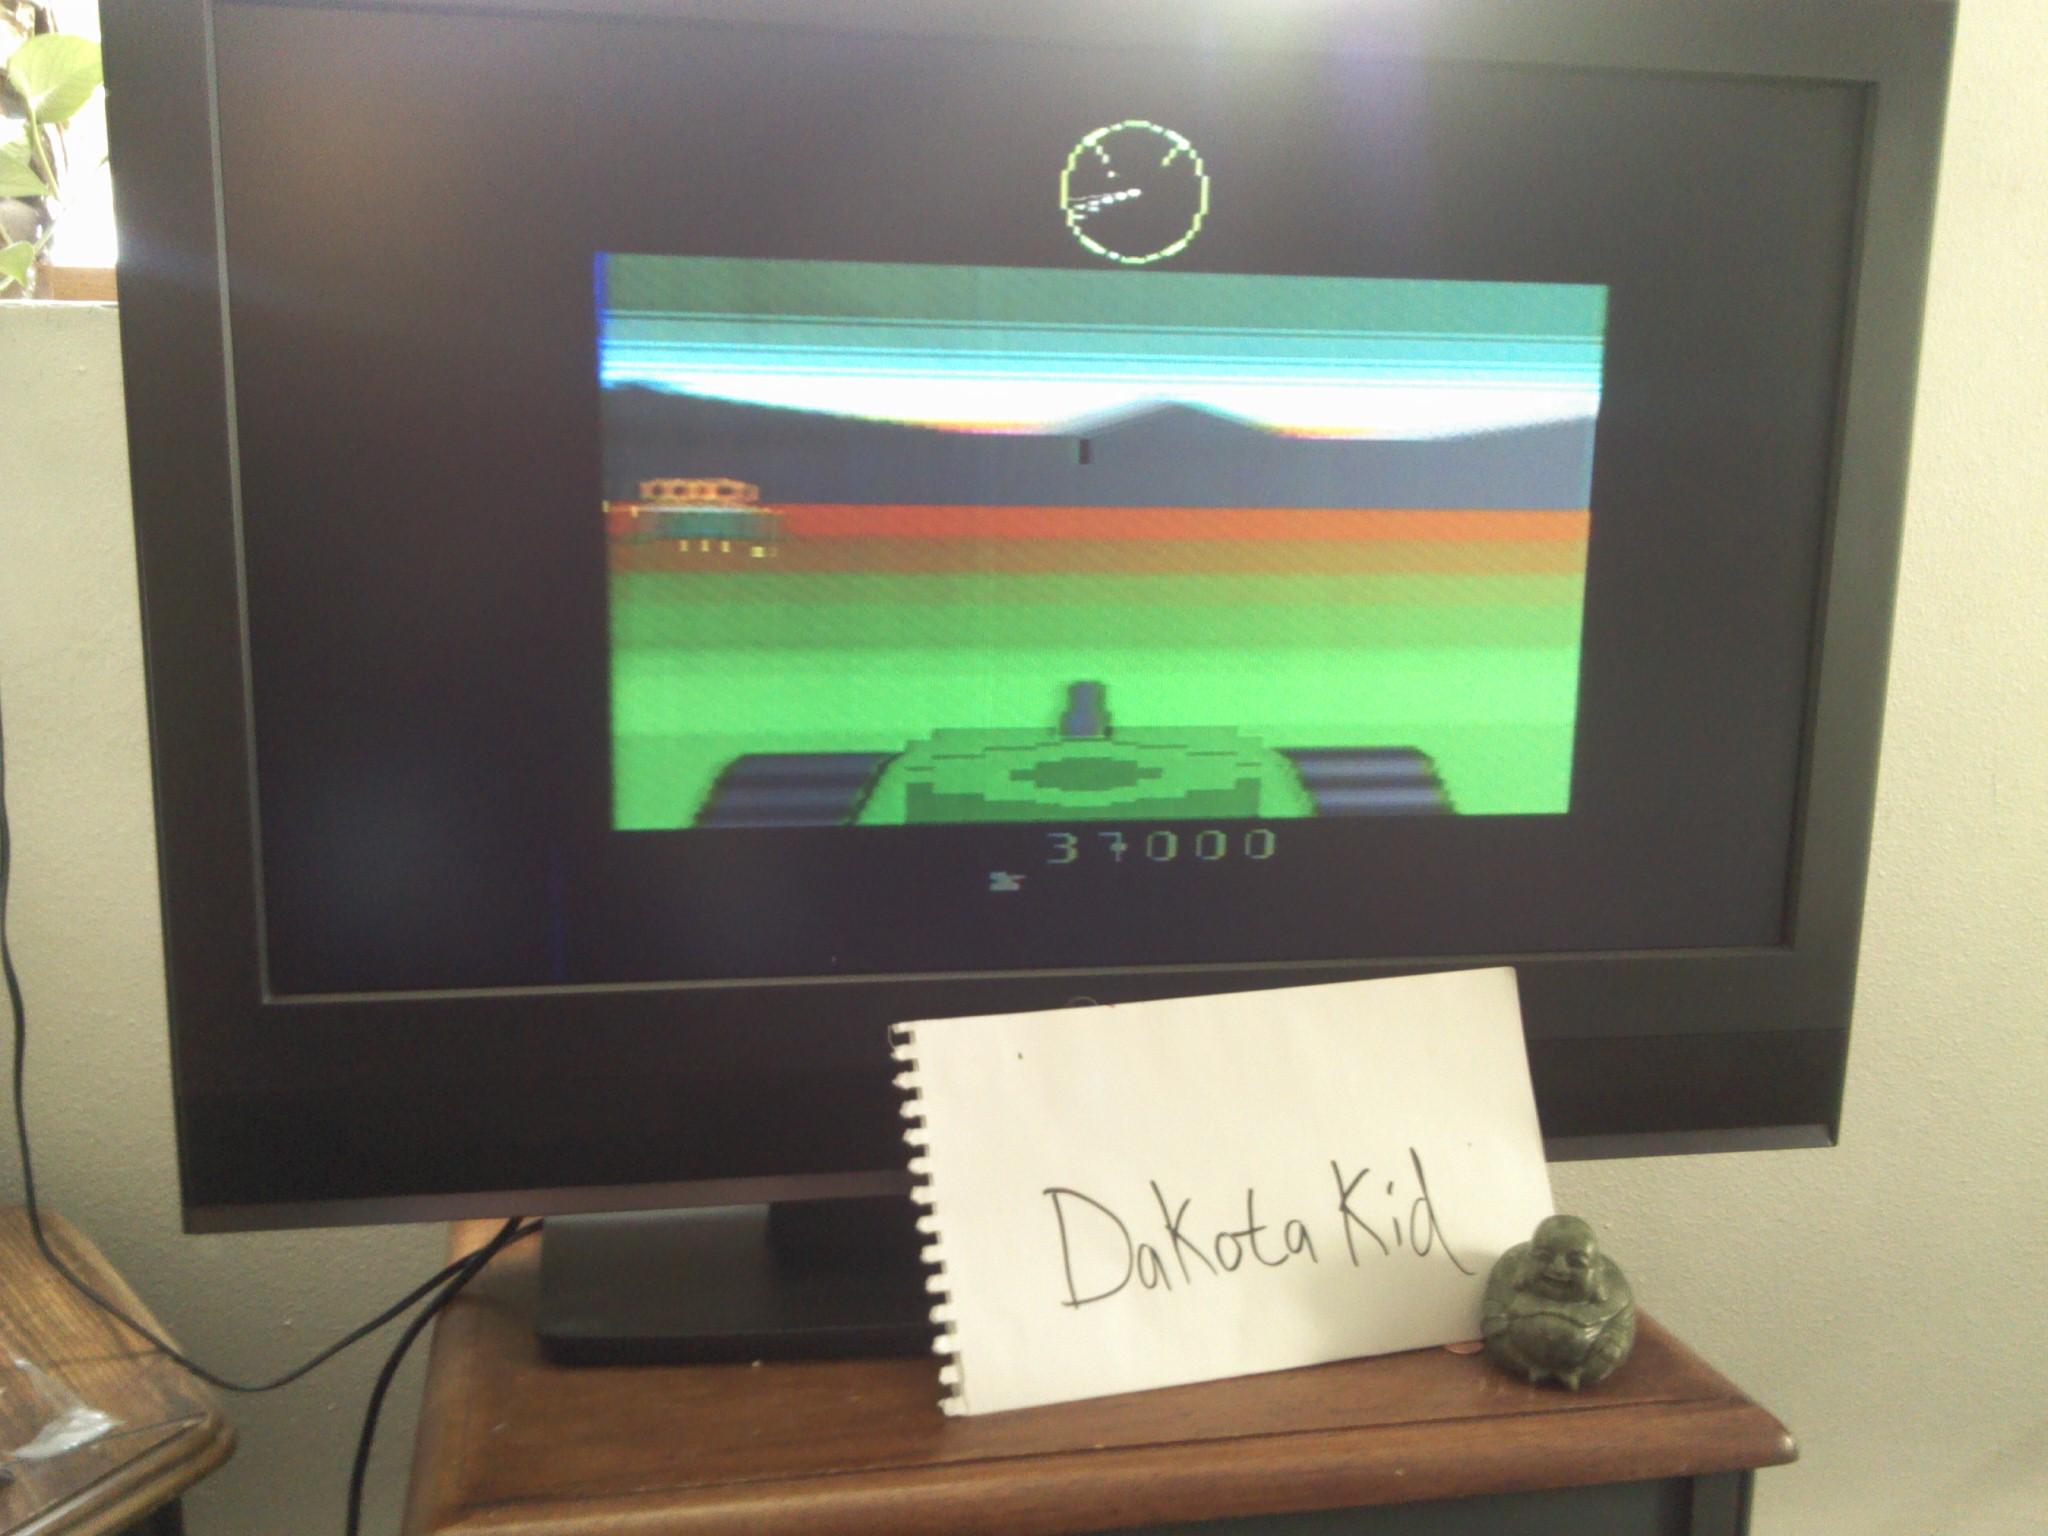 DakotaKid: Battlezone (Atari 2600) 37,000 points on 2014-04-01 17:58:59